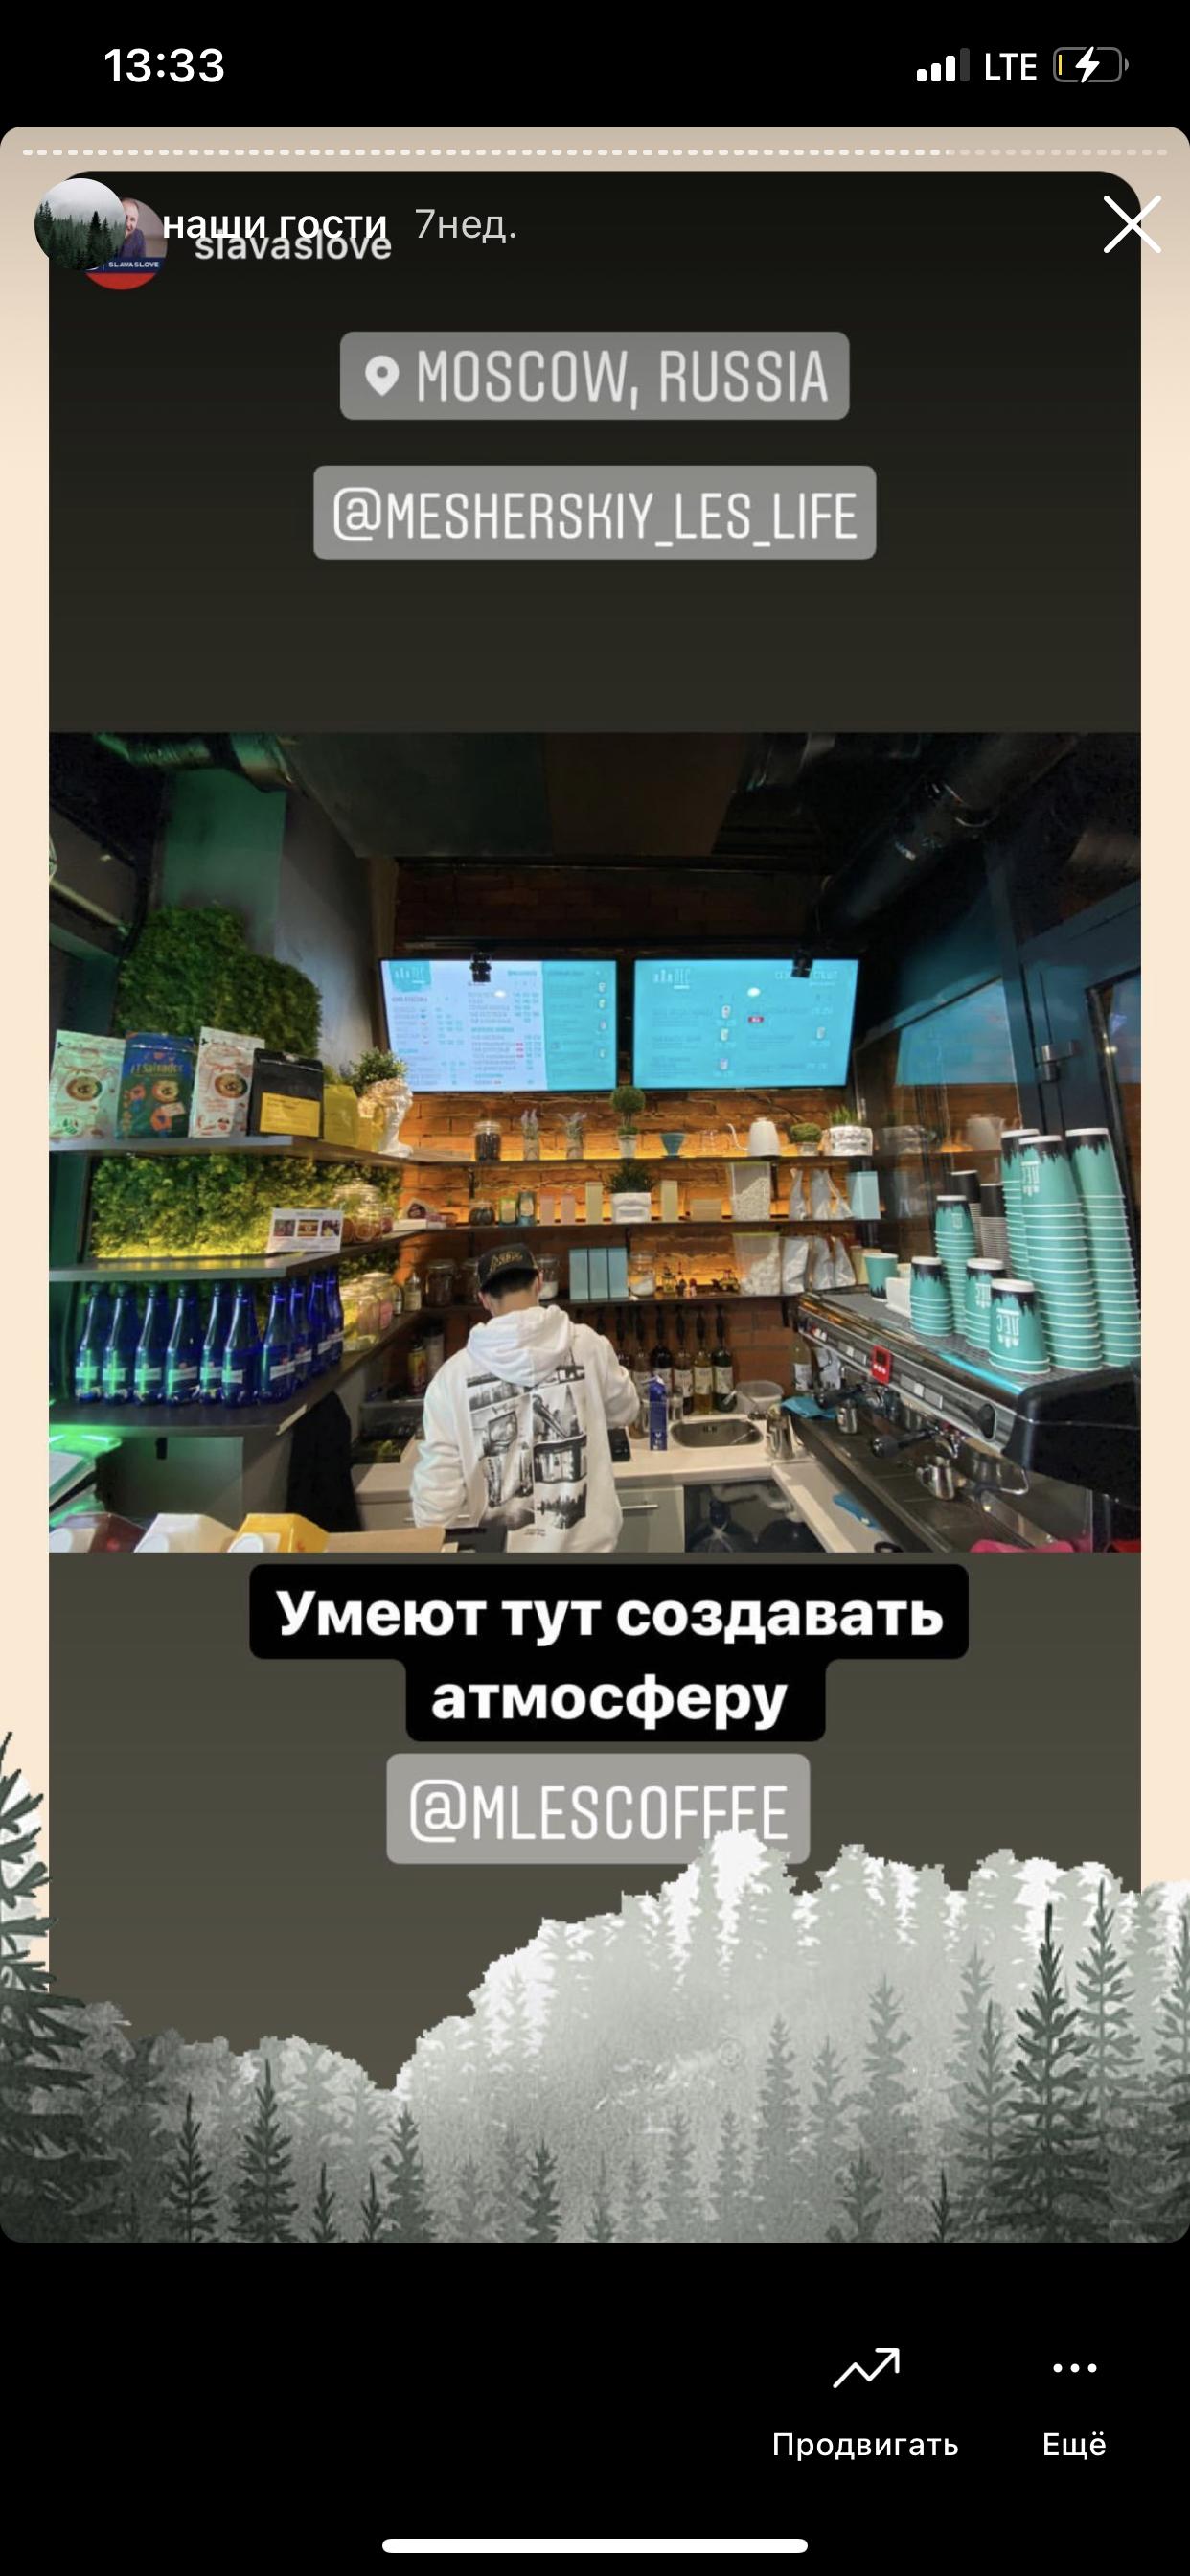 Город: Москва<br/>Заведение: ЛЕС<br/>ставка: 250+премии руб/ч